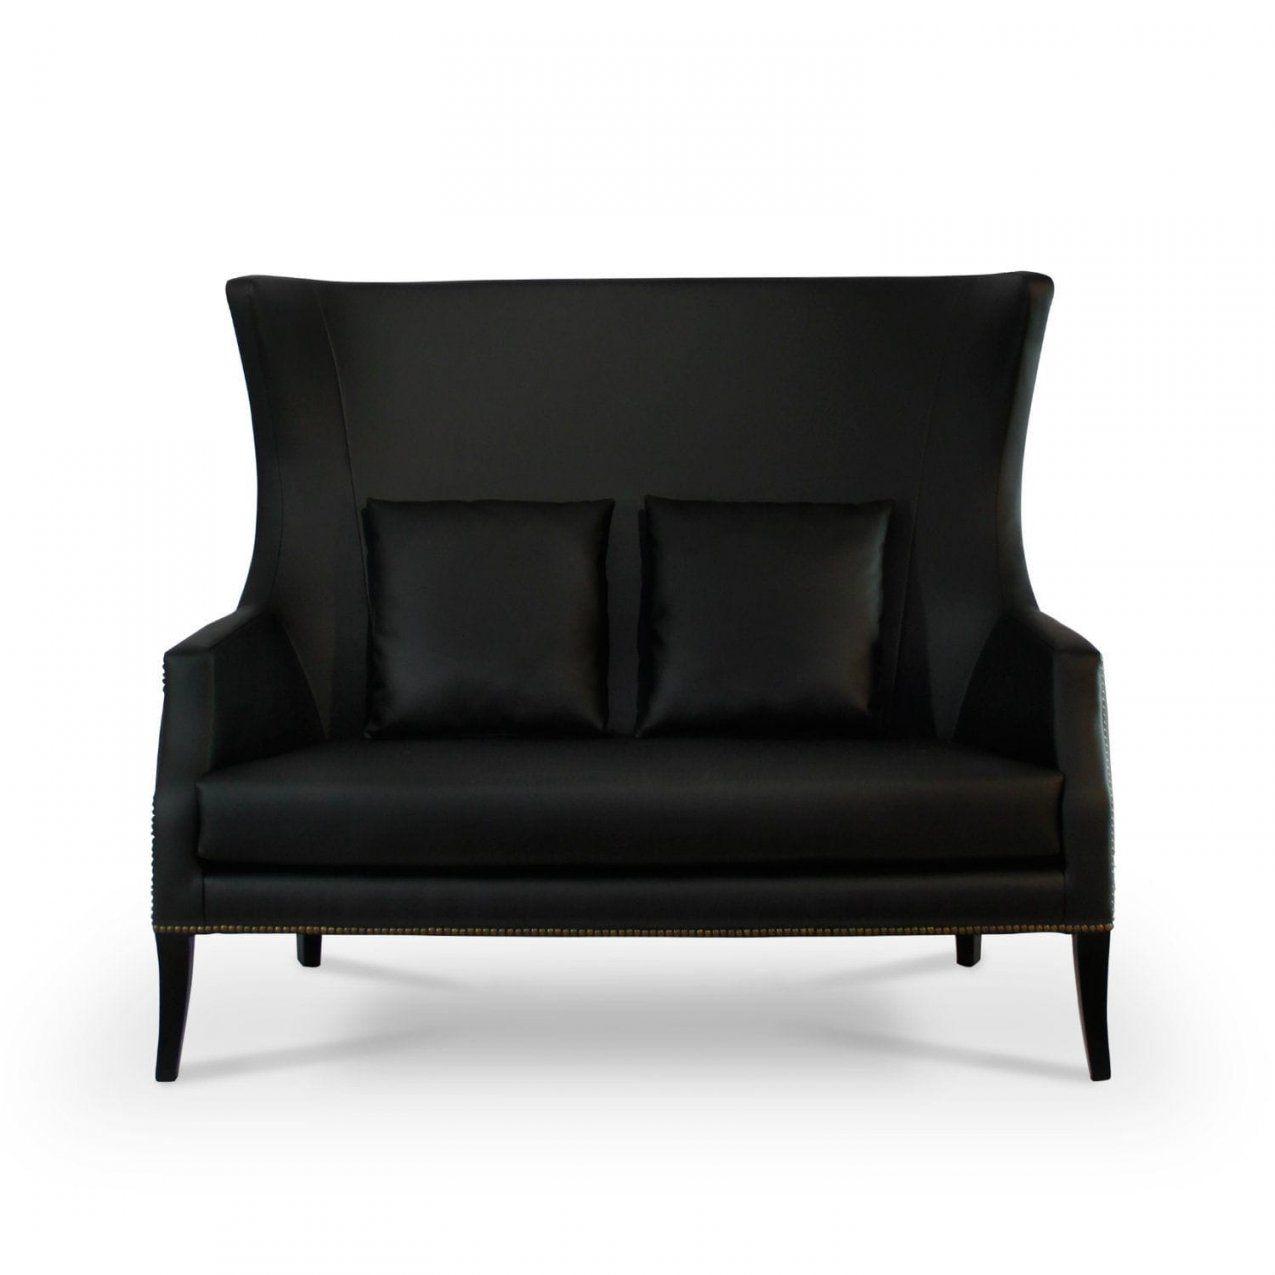 Modernes Sofa  Kunstleder  2 Plätze  Mit Hoher Rückenlehne von Sofa Mit Hoher Rückenlehne Photo